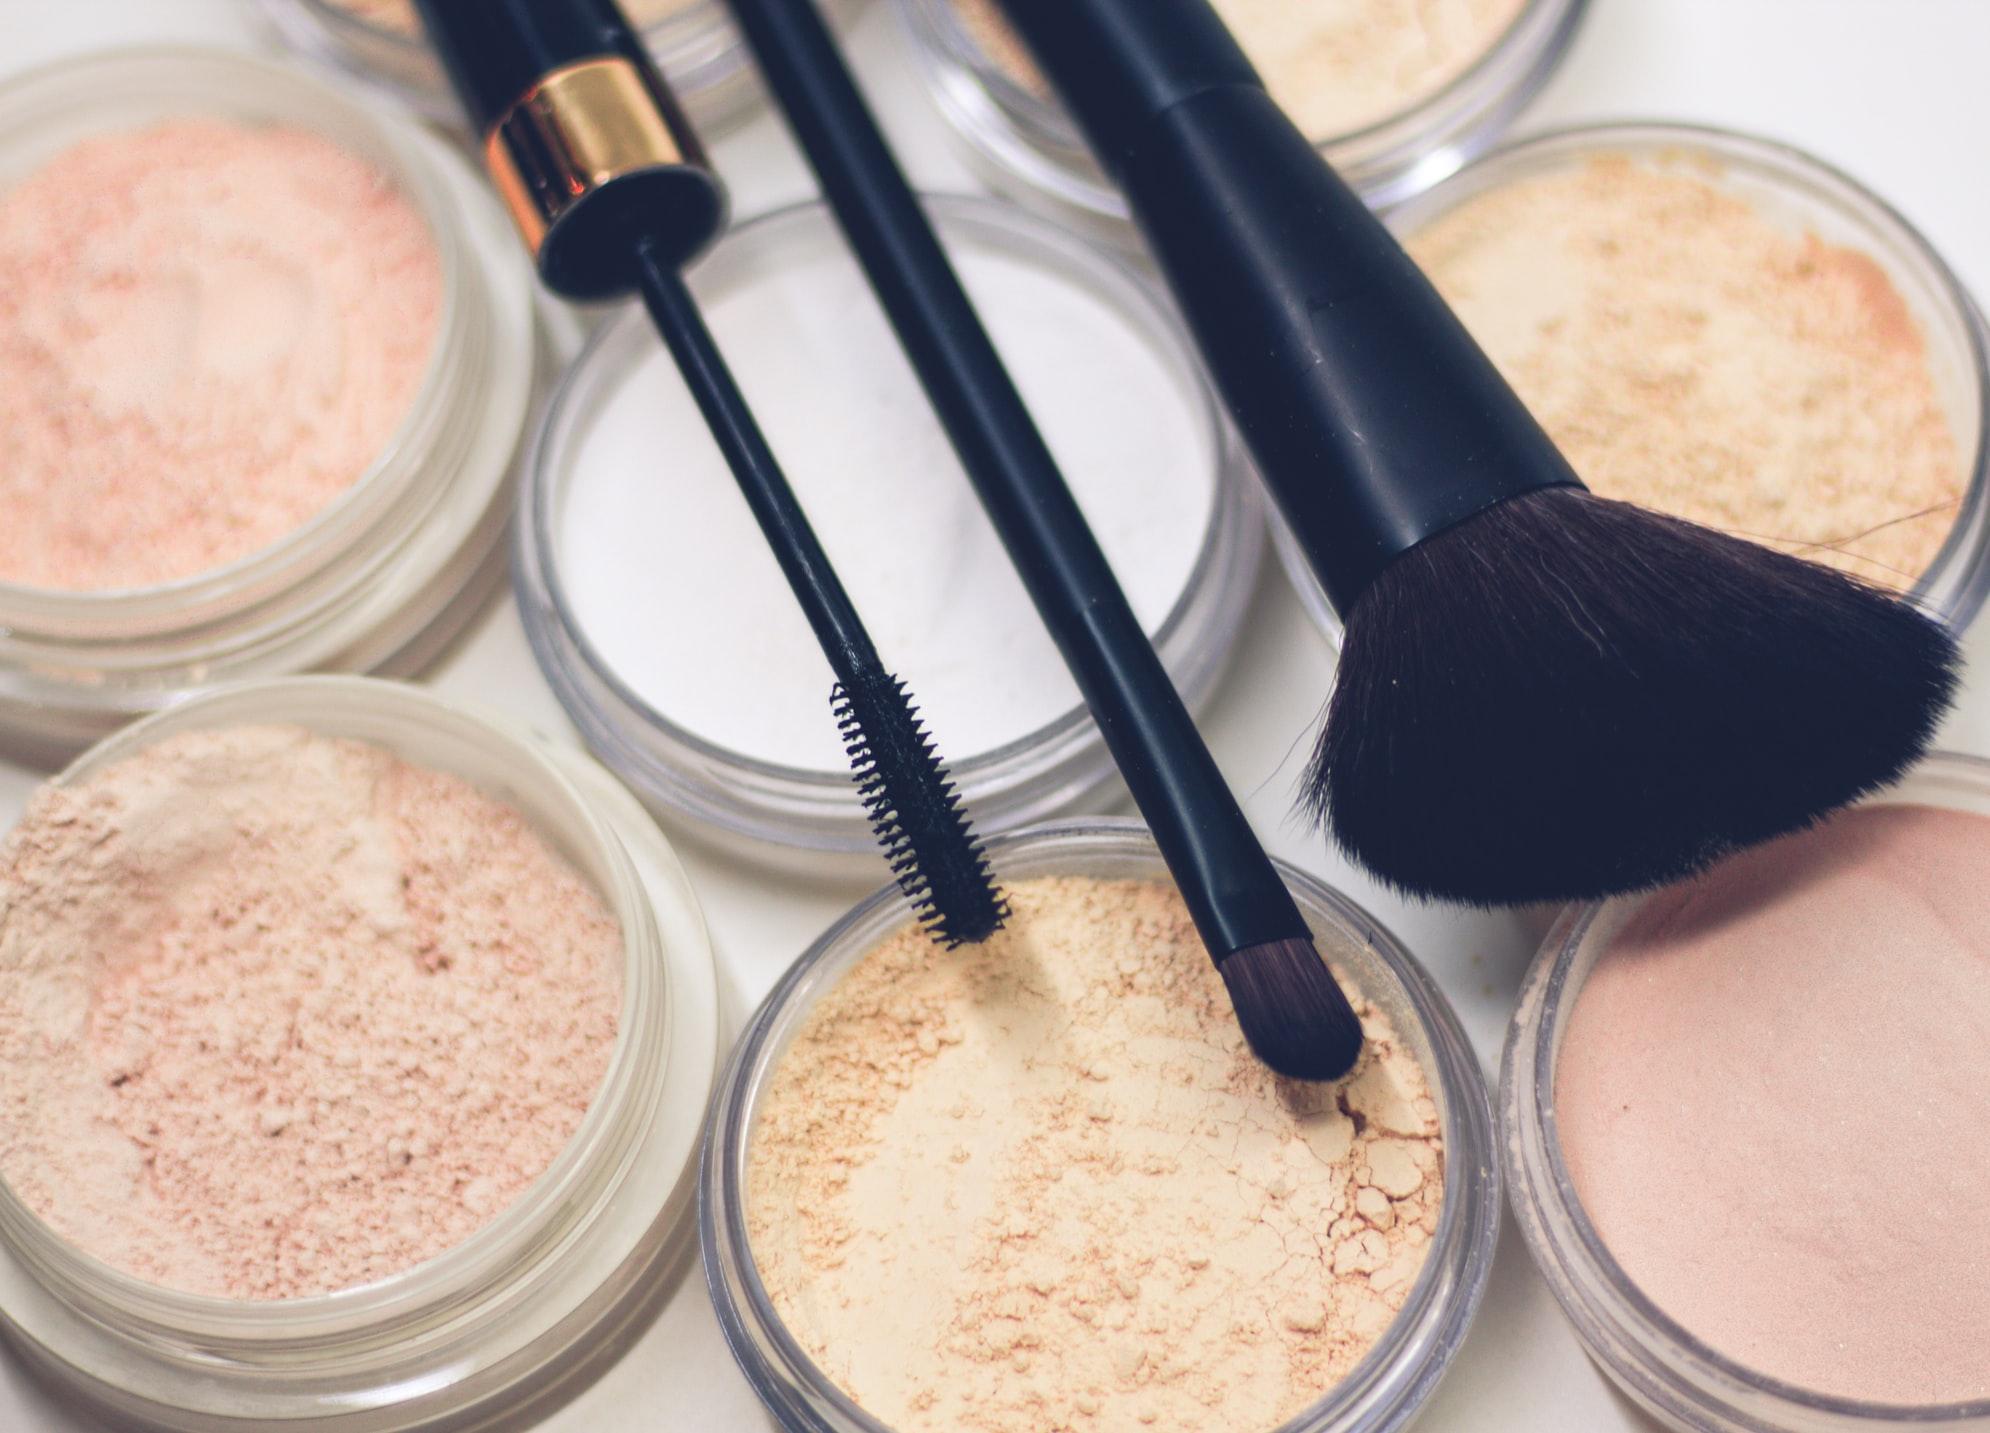 maquillaje y herramientas